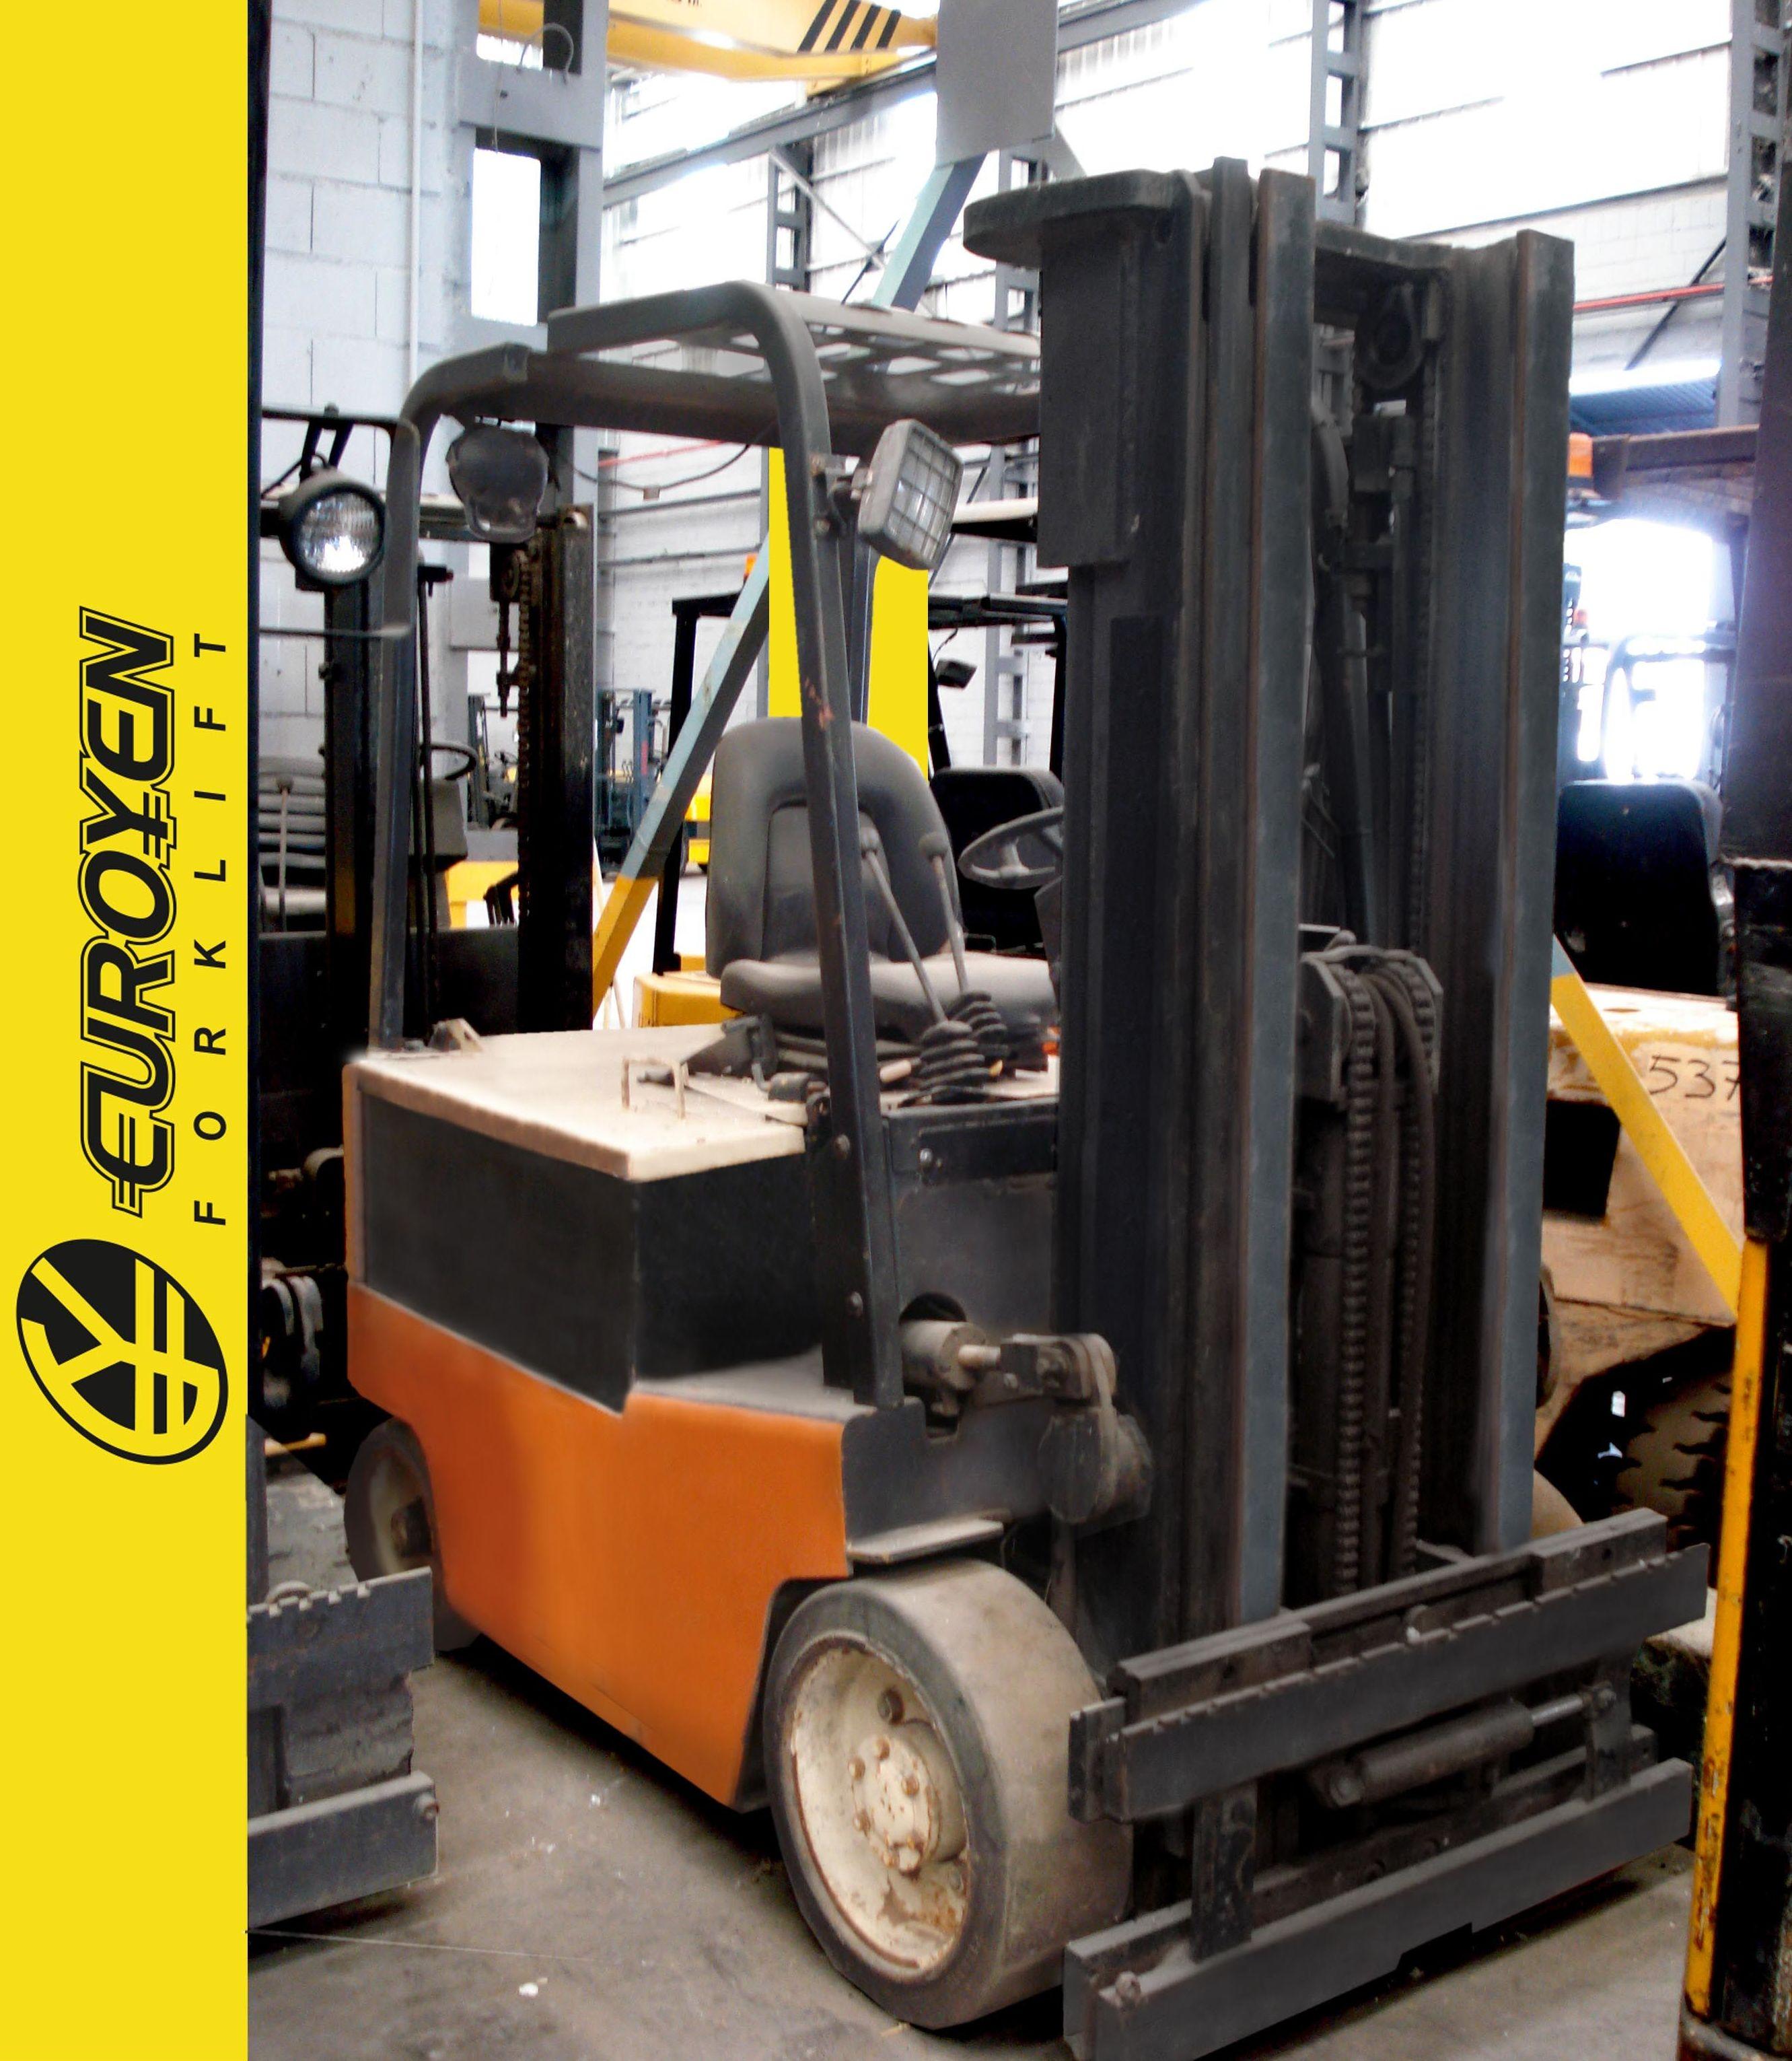 Carretilla eléctrica YALE Nº 5183: Productos y servicios de Comercial Euroyen, S. L.